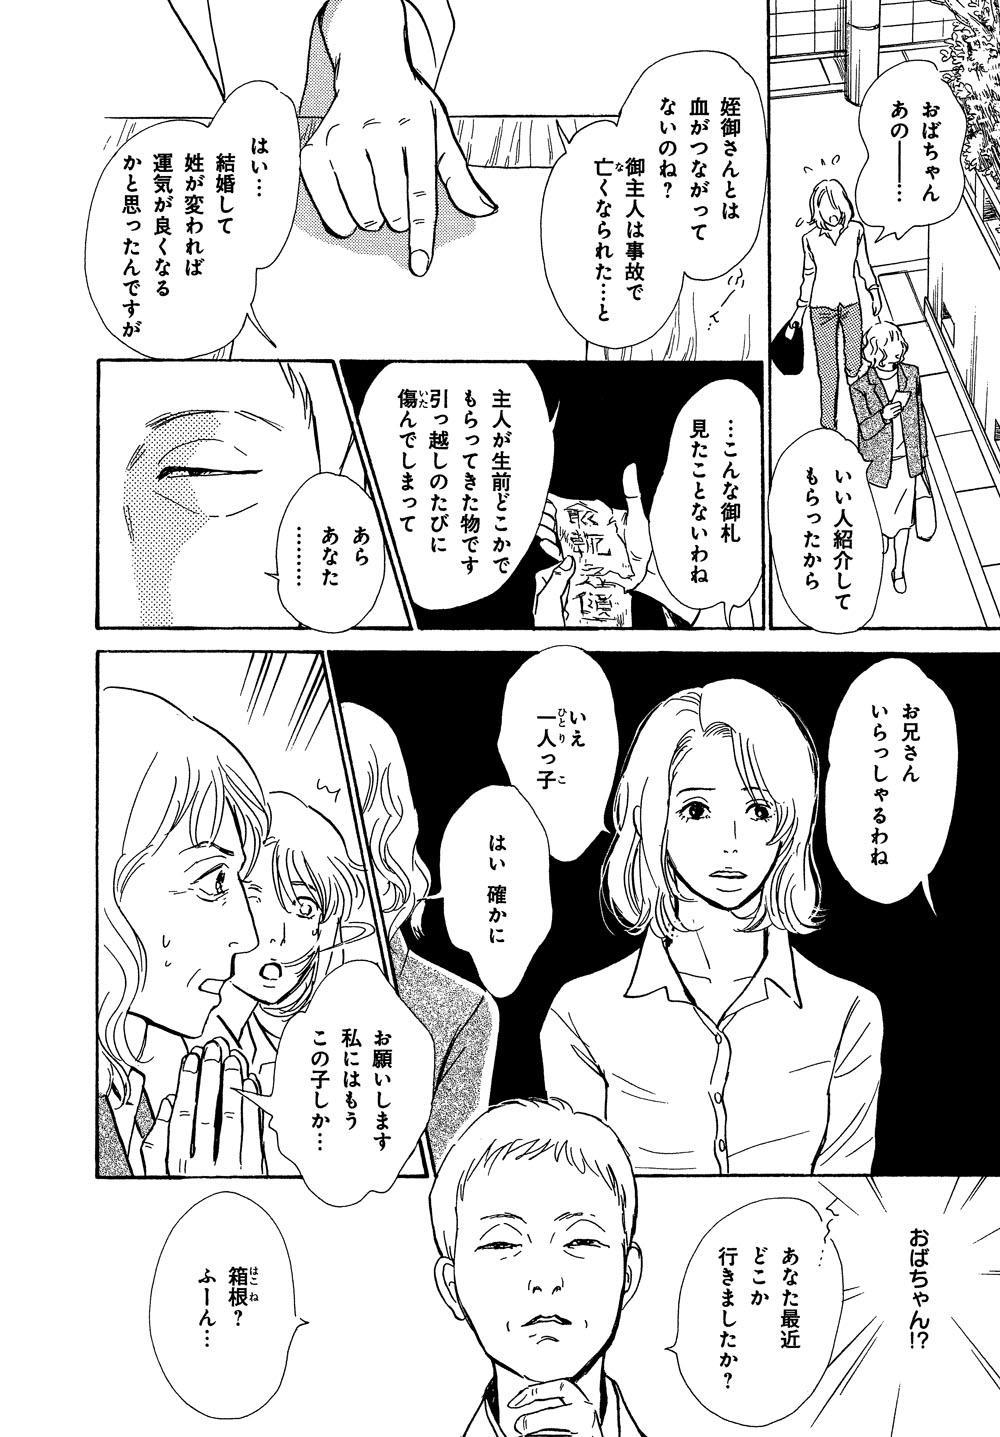 hyakki_0020_0028.jpg